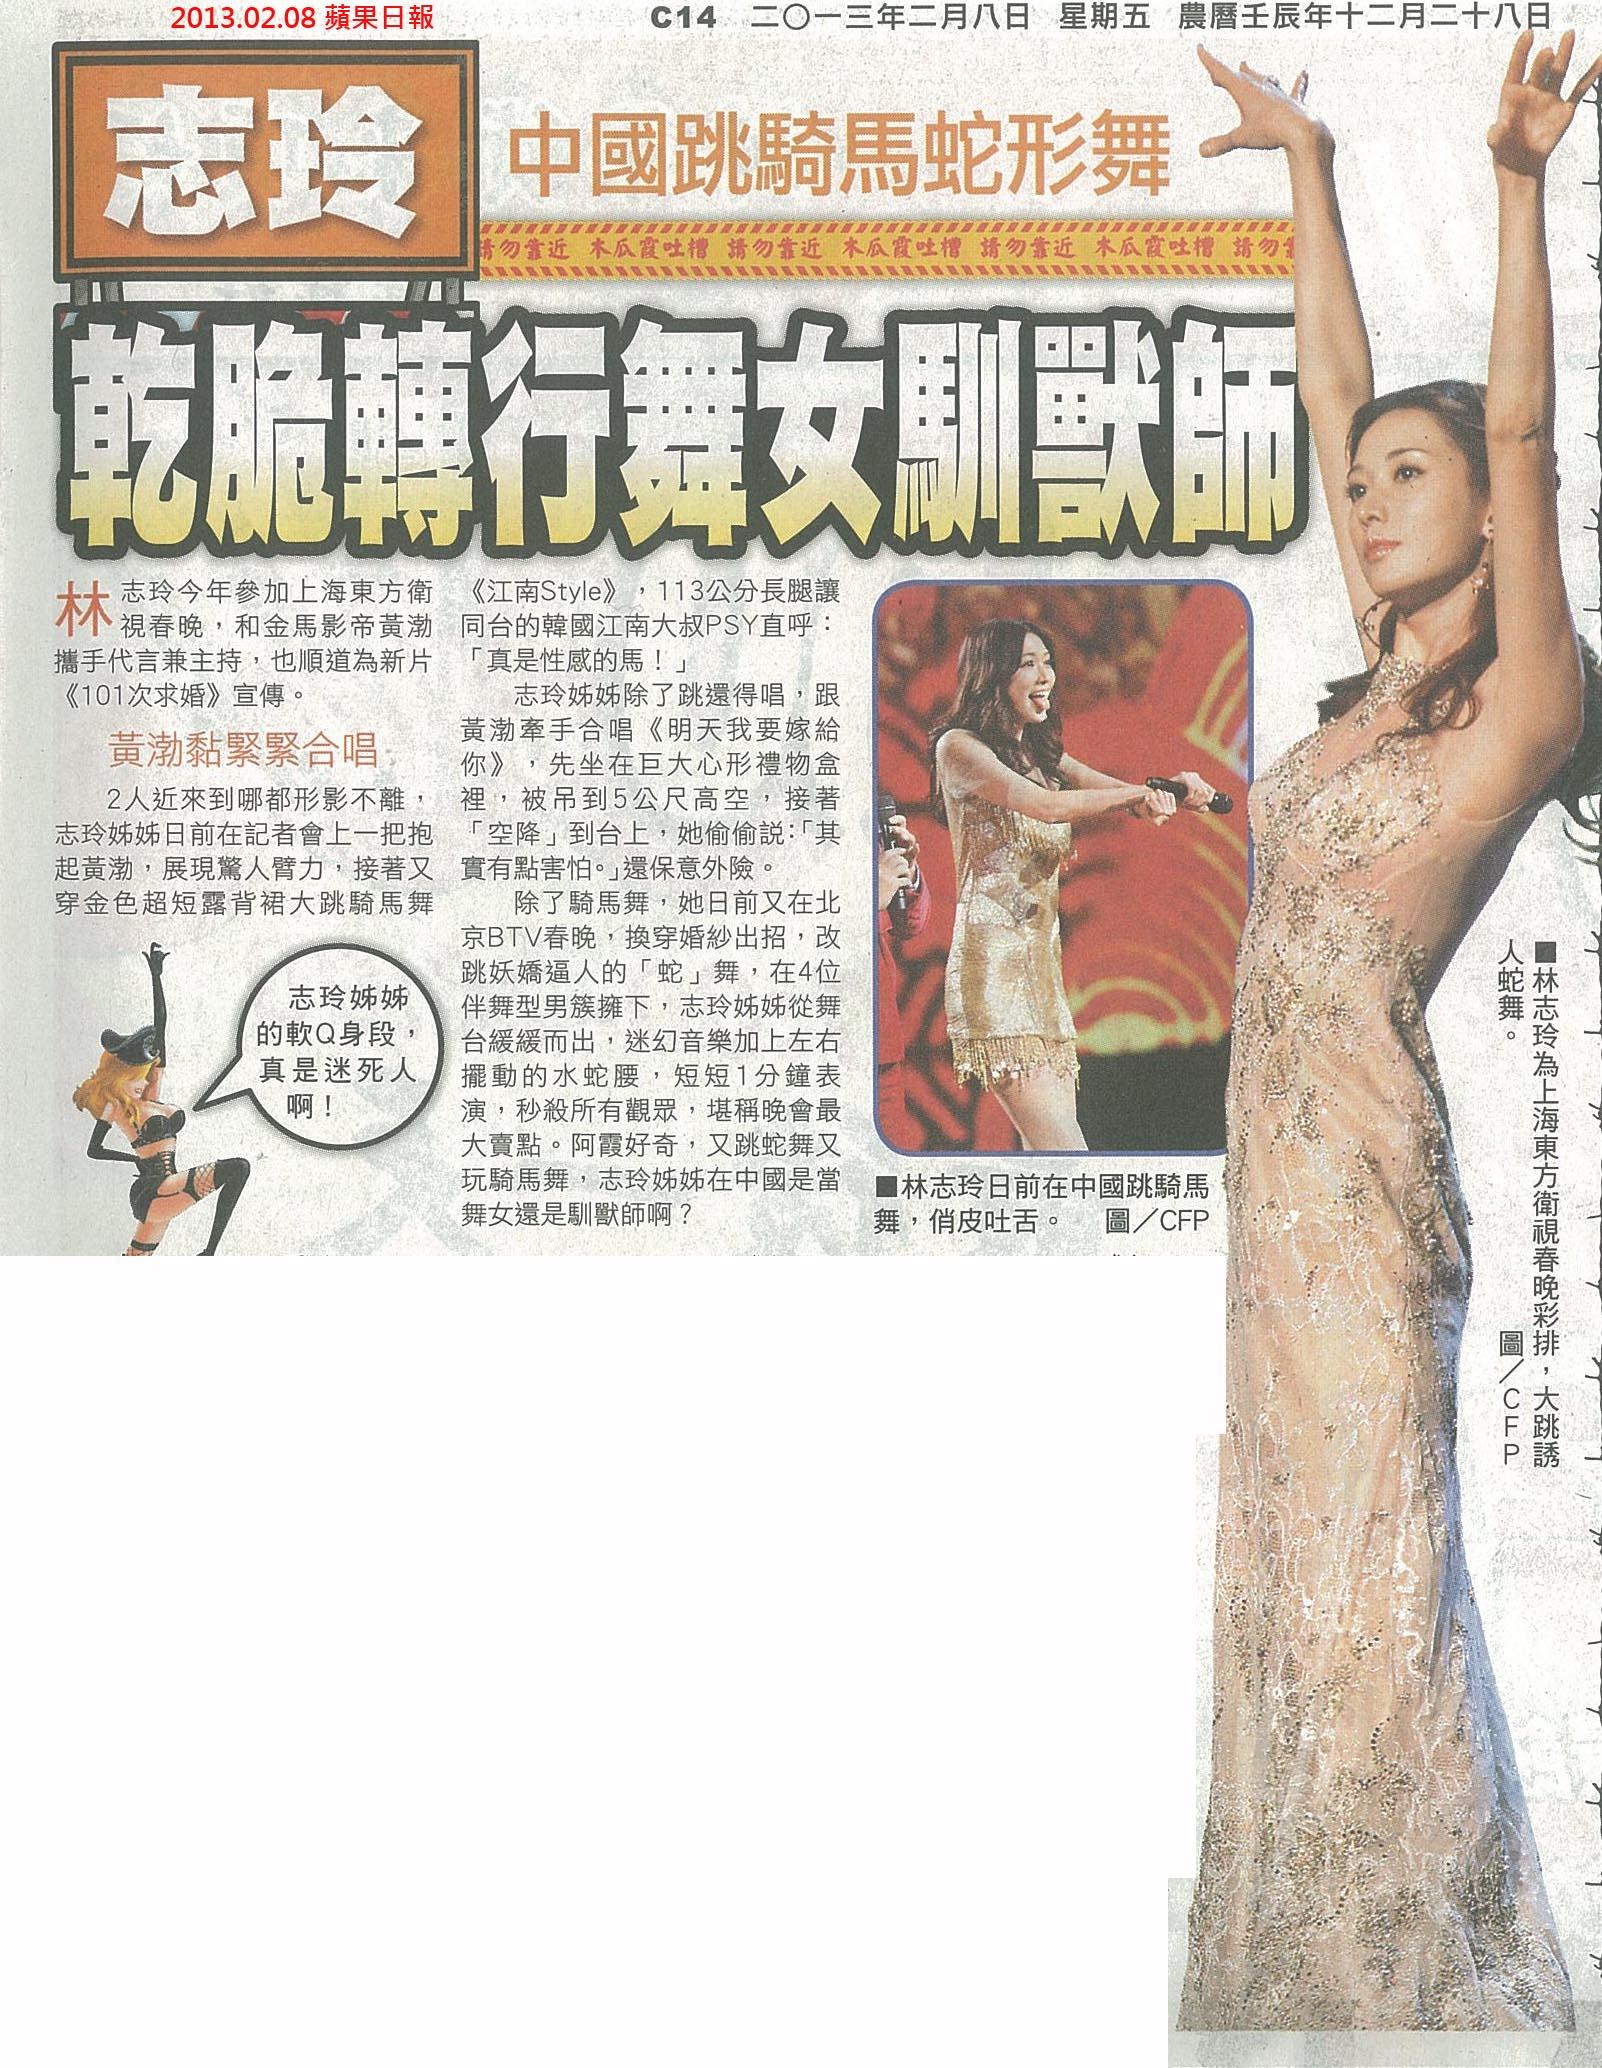 NP露出_2013.02.08_《101次求婚》_蘋果日報_志玲中國跳騎馬蛇形舞 (1)